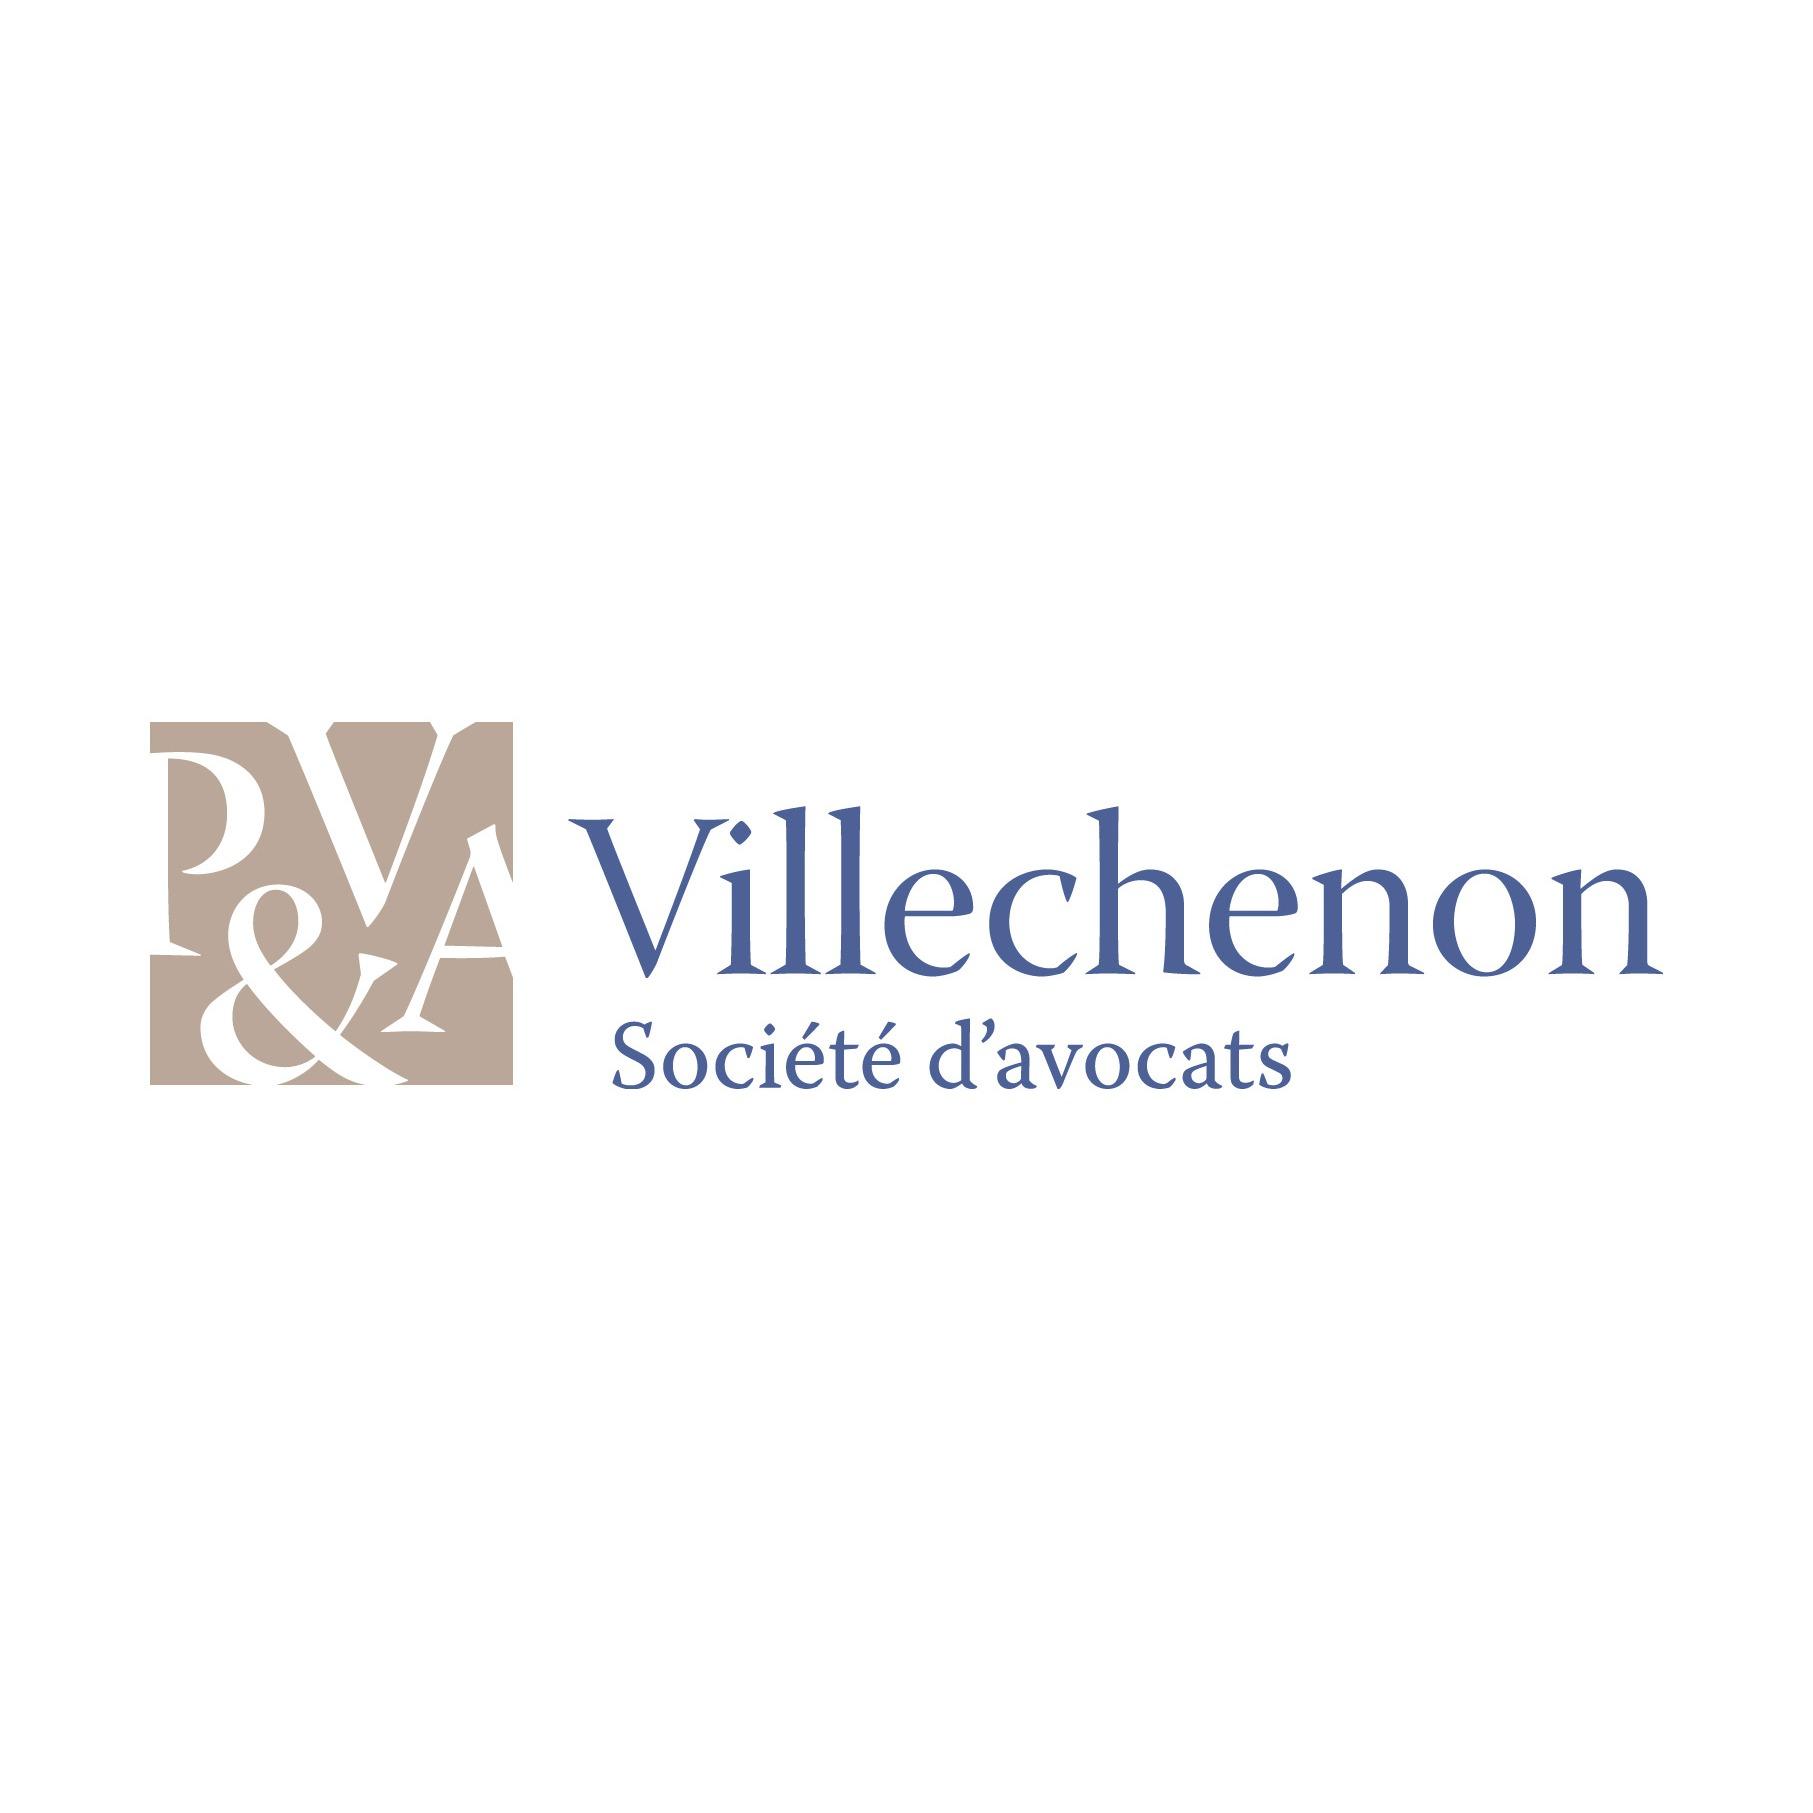 the Villechenon logo.